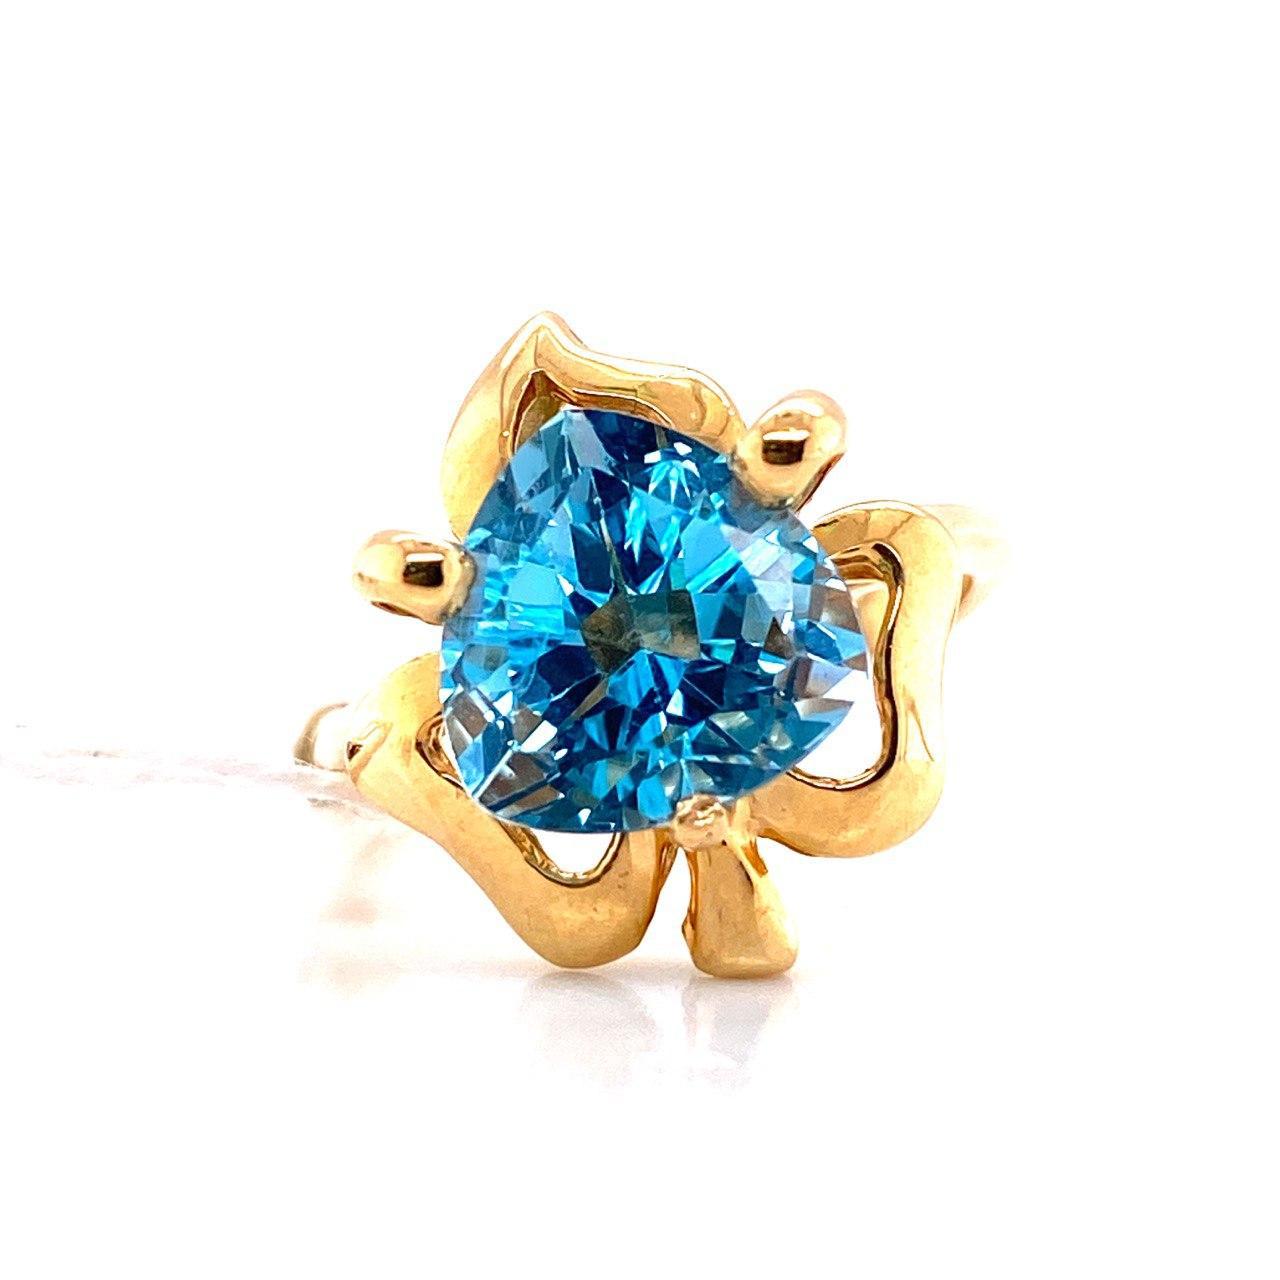 Кольцо из лимонного золота Топаз арт. г6162 г6162